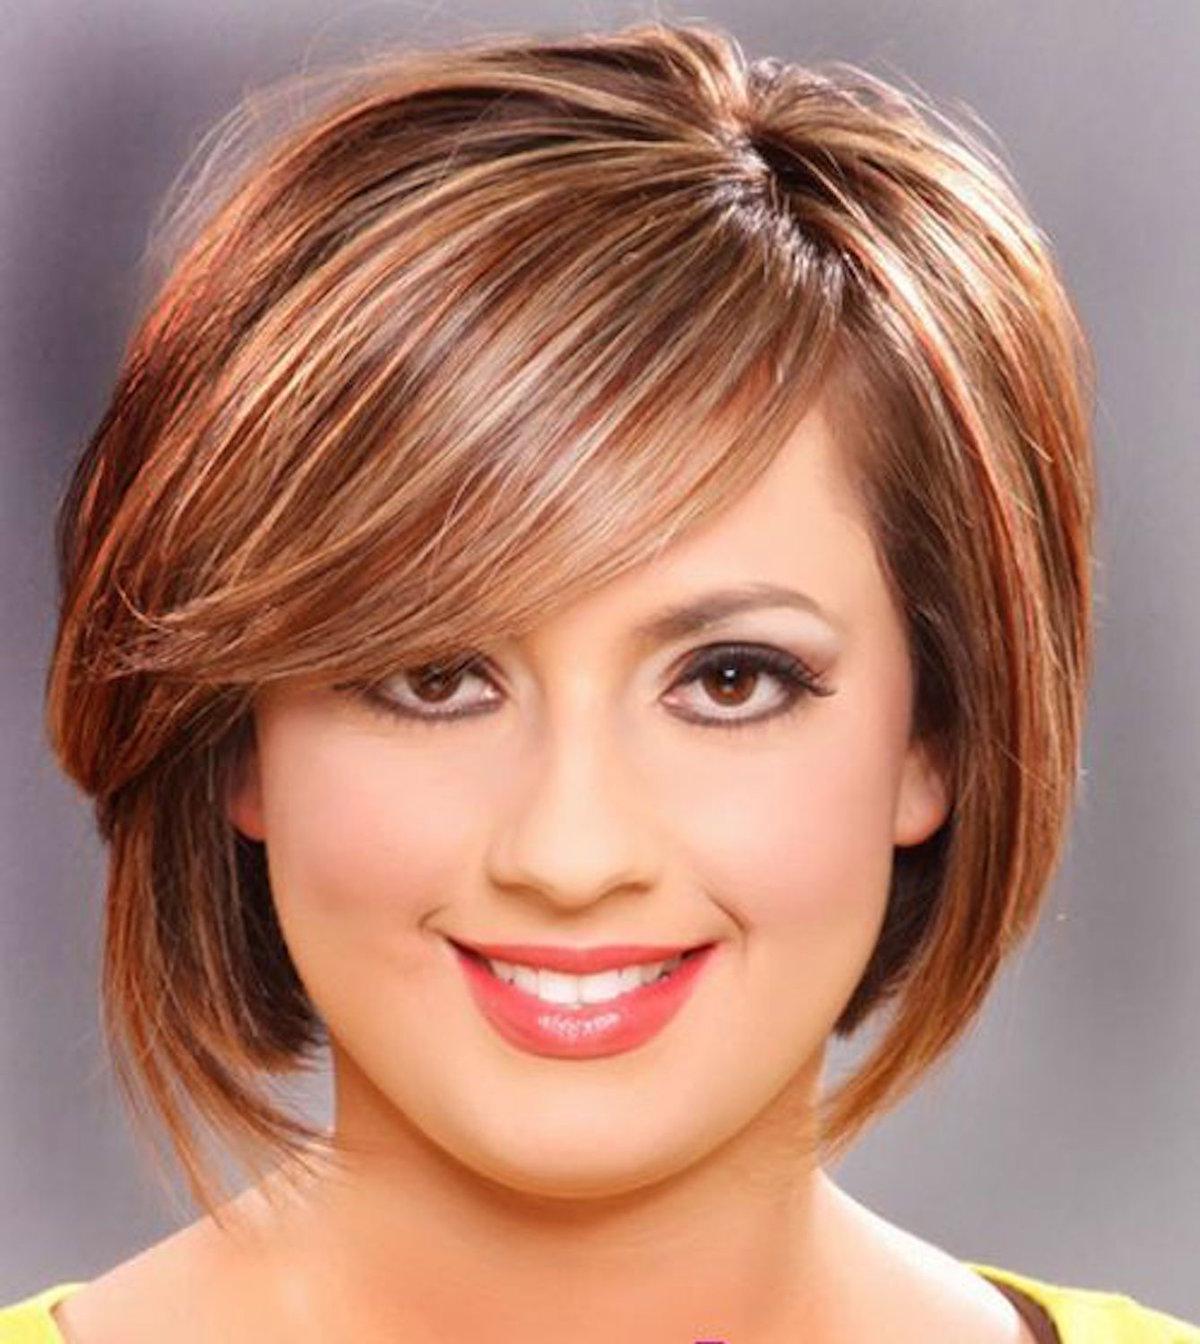 Стрижка для круглого лица и тонких волос фото с челкой